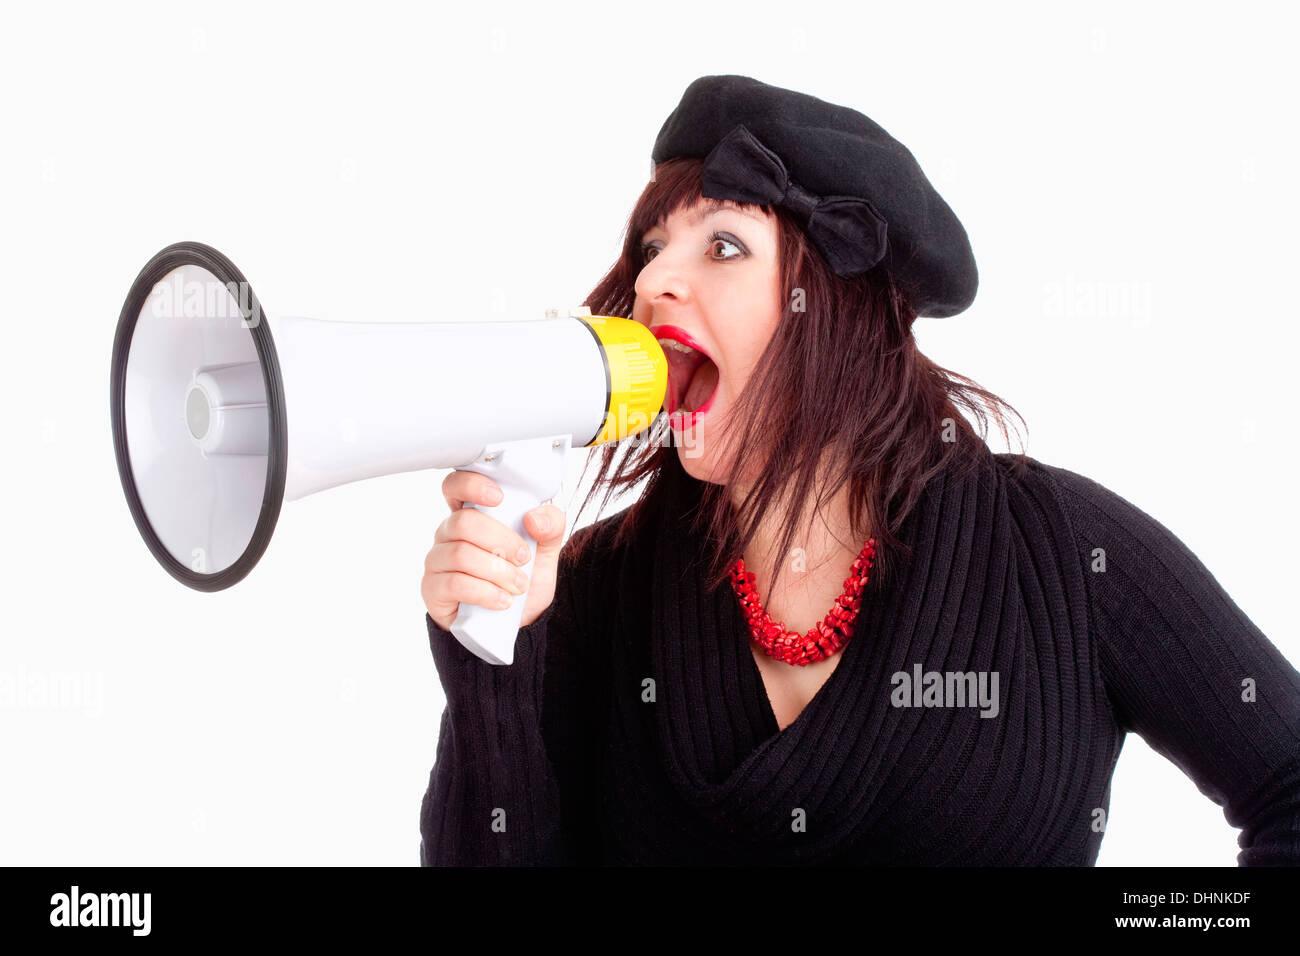 Giovane donna con cappello urlando nel megafono - Isolato su bianco Foto Stock